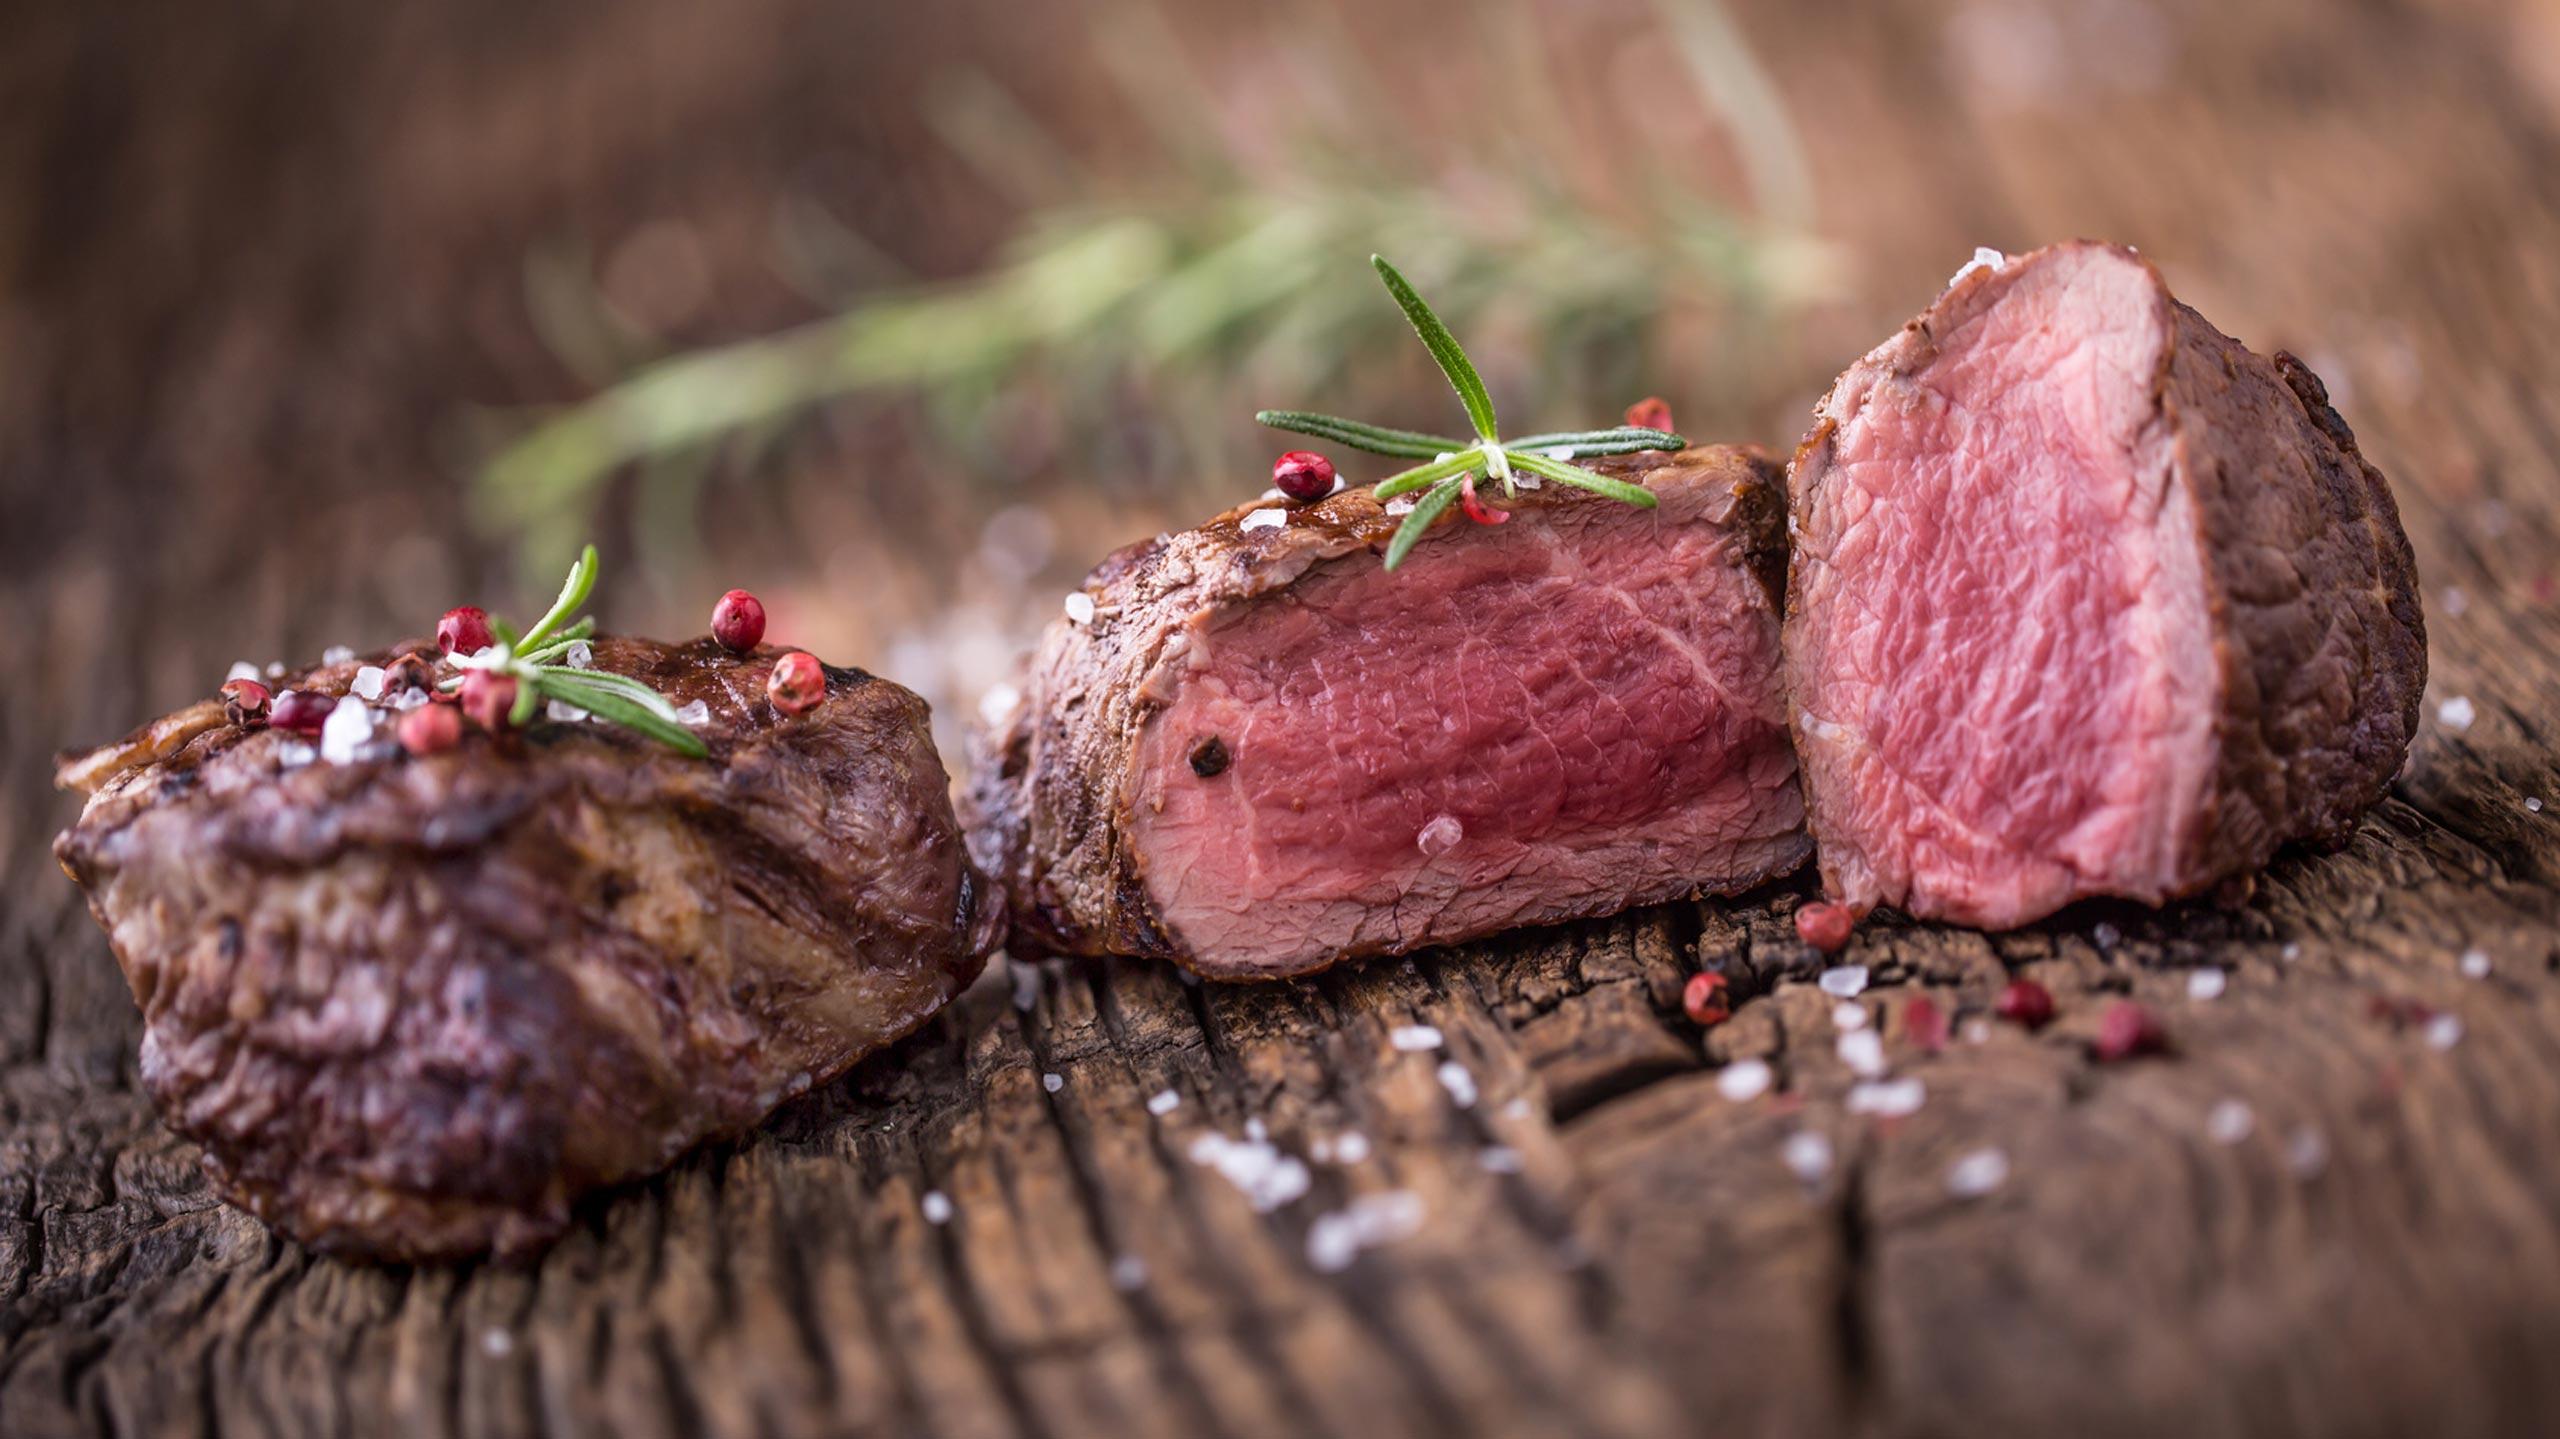 Saftiges Steak aufgeschnitten - Fleischerei Nolzen